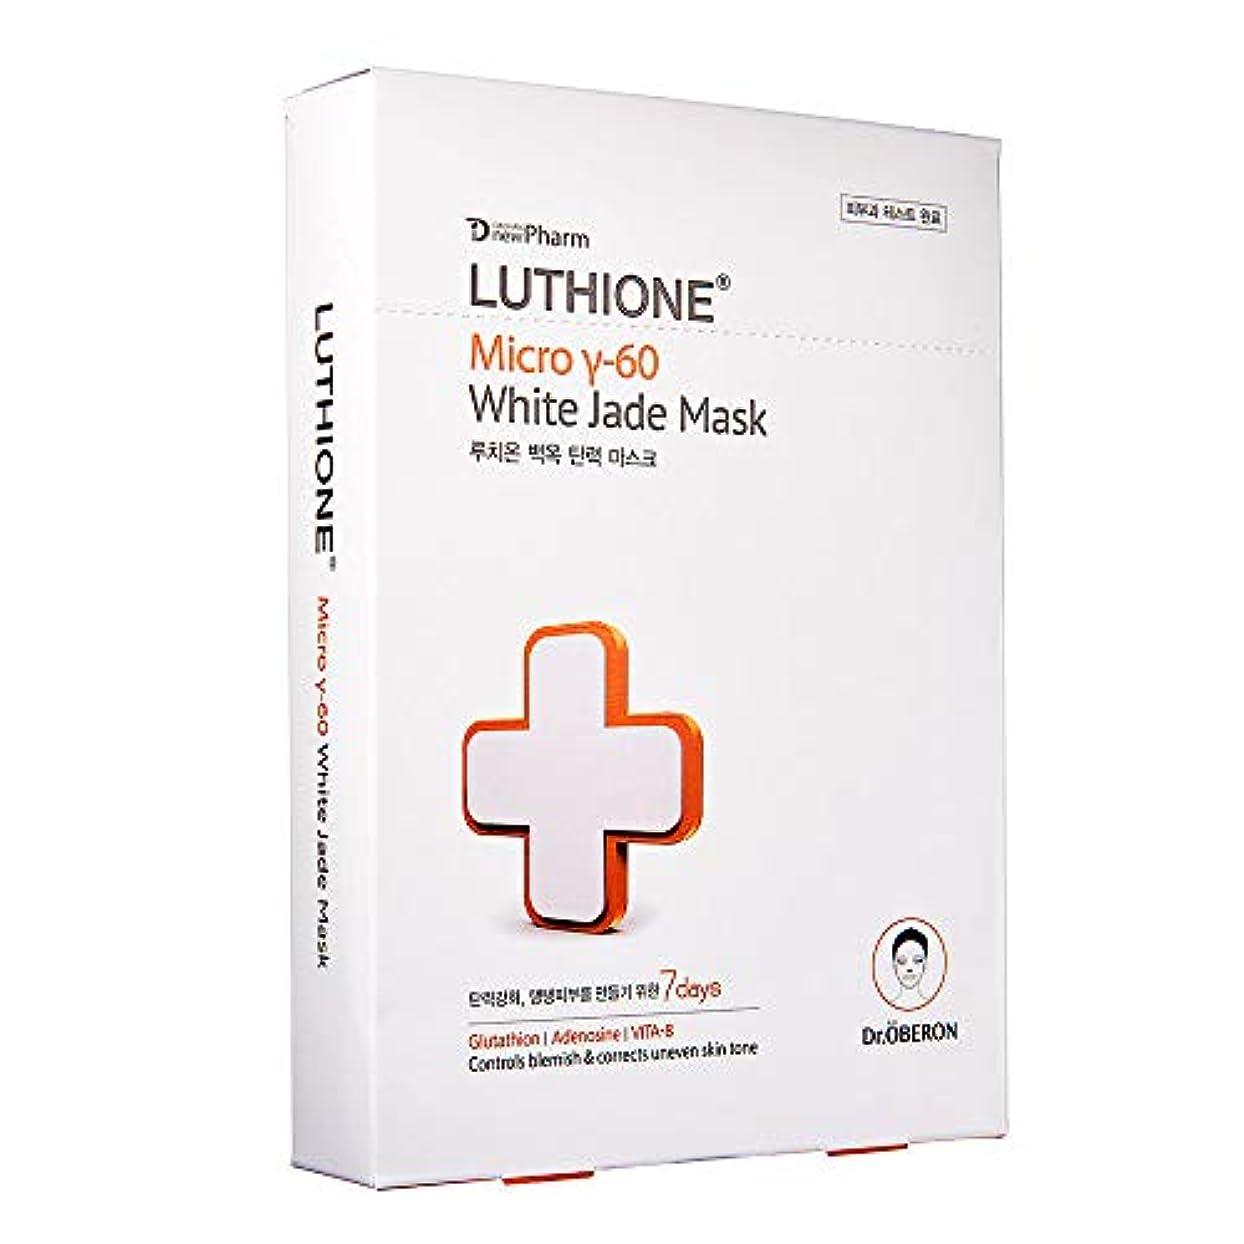 固める行方不明けん引[Luthione] ルチオン マイクロ γ-60 白玉 マスクシート マスクパック フェイスパック 7枚 MICRO γ-60 WHITE JADE MASK Pack of 7 - Korean Cupra Faicial Face Mask Sheet Improving Skin Elasticity Moisturizing with Vitamin E, C Complex Korean Sheet Mask